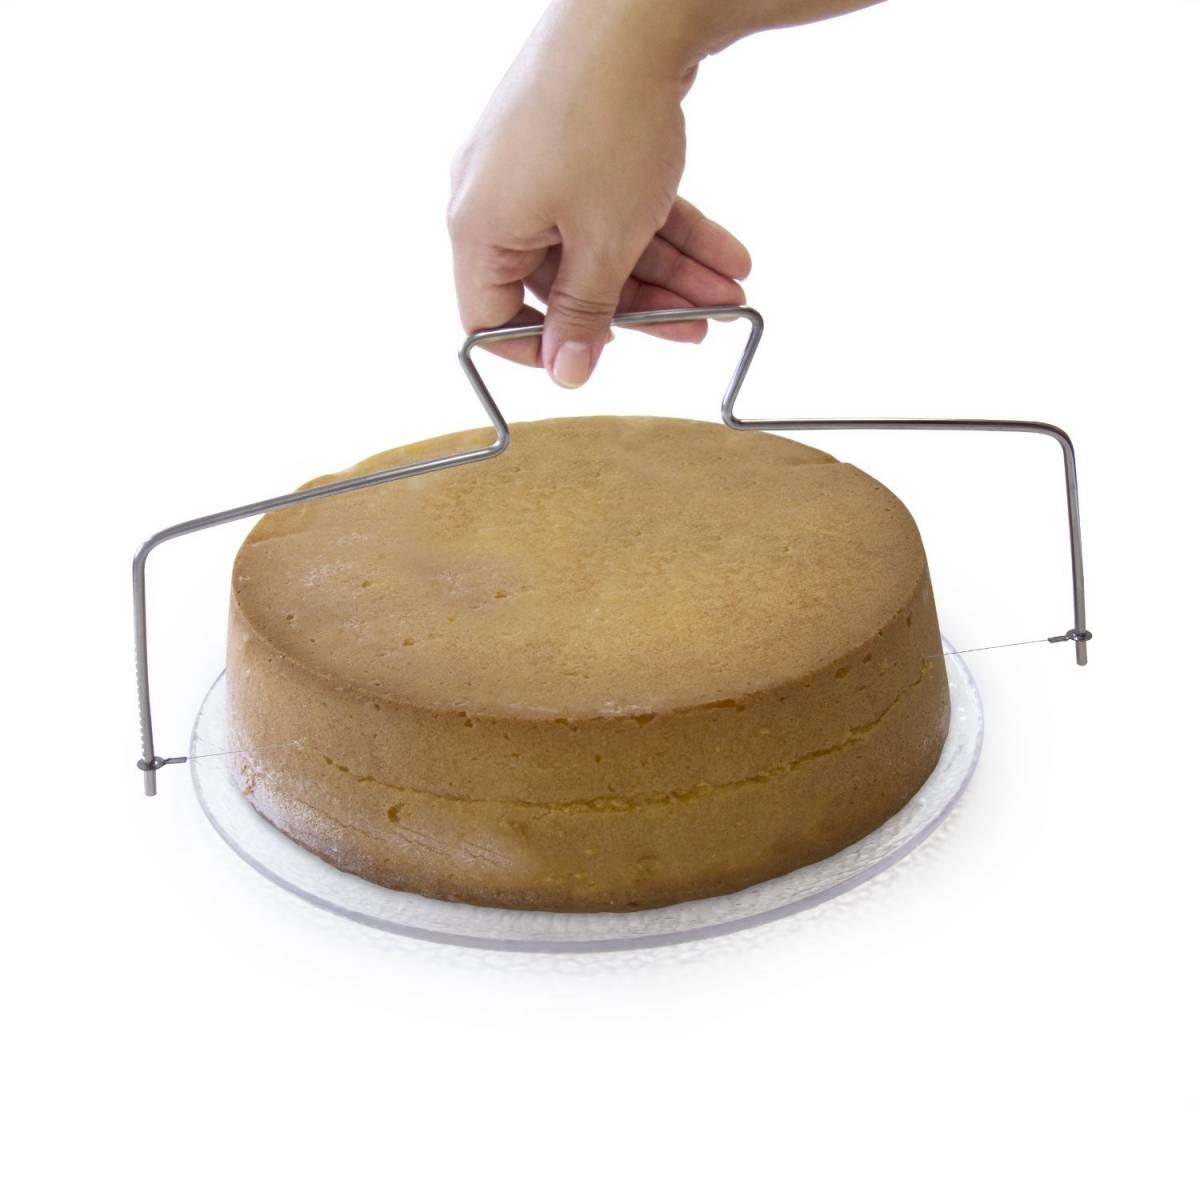 Lily Cook - Lyre à Gâteau et Genoise